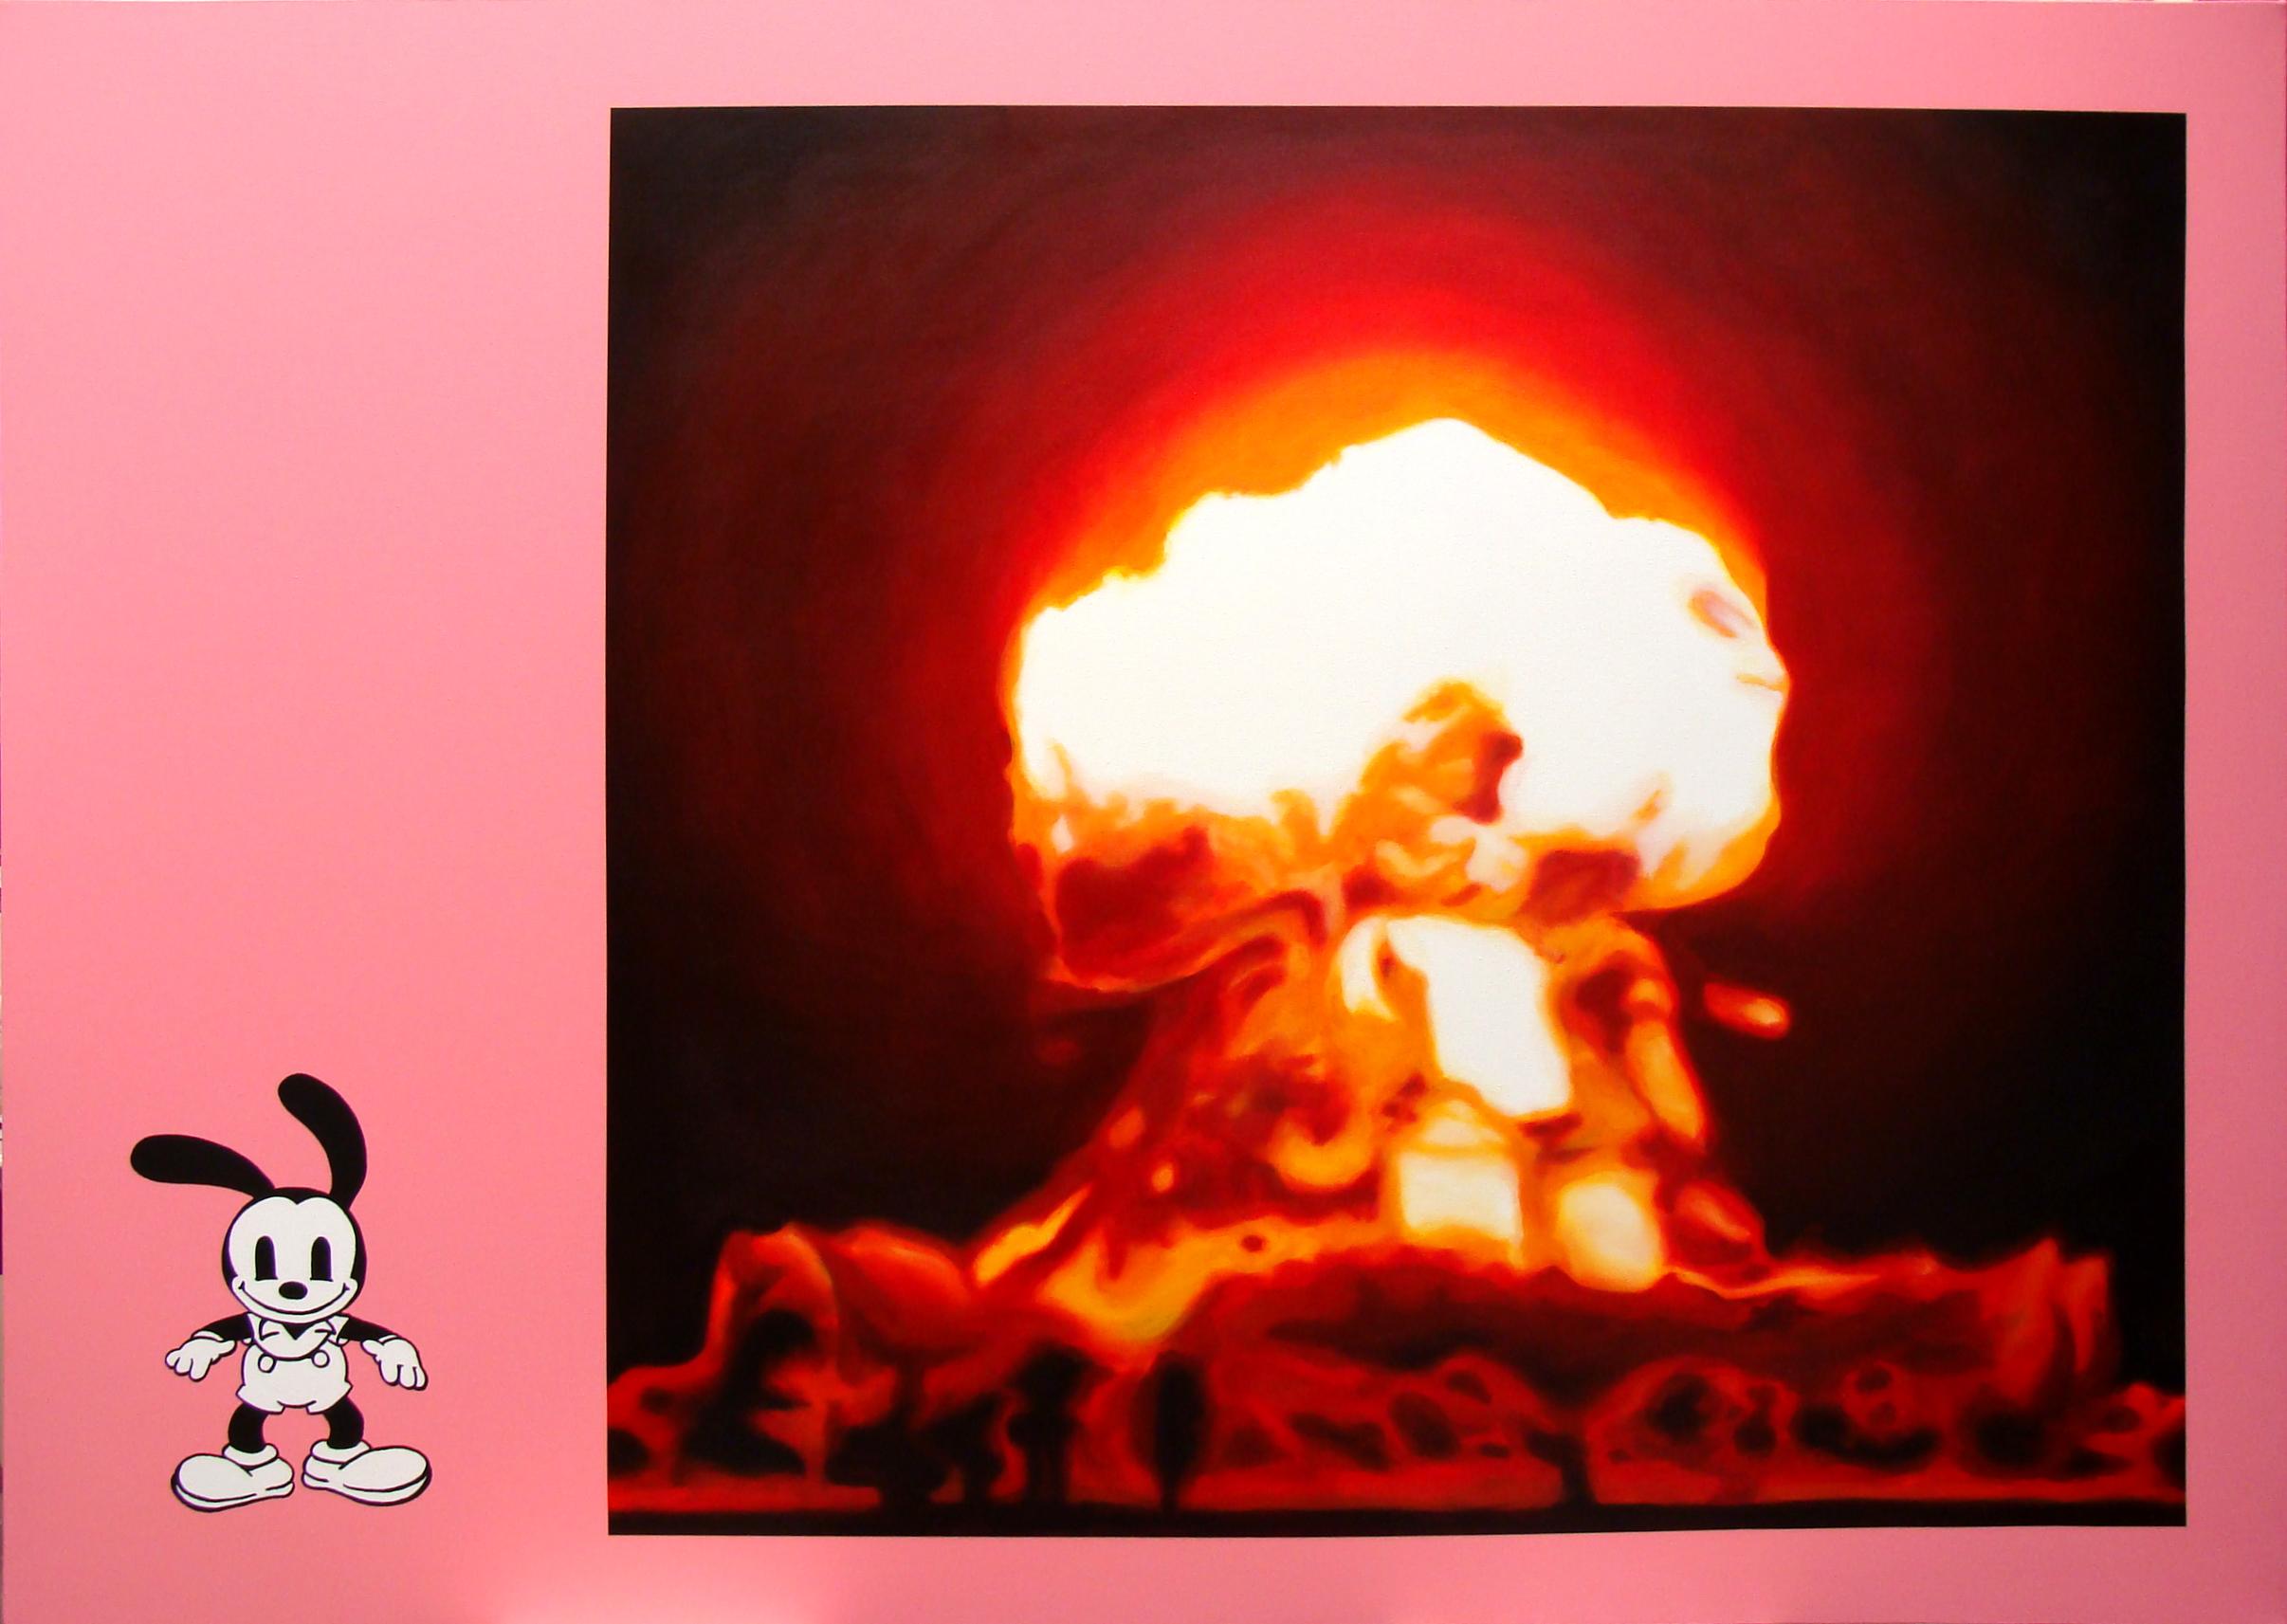 mickey-bomboleo sobre tela-120x170cm. 2008.jpg